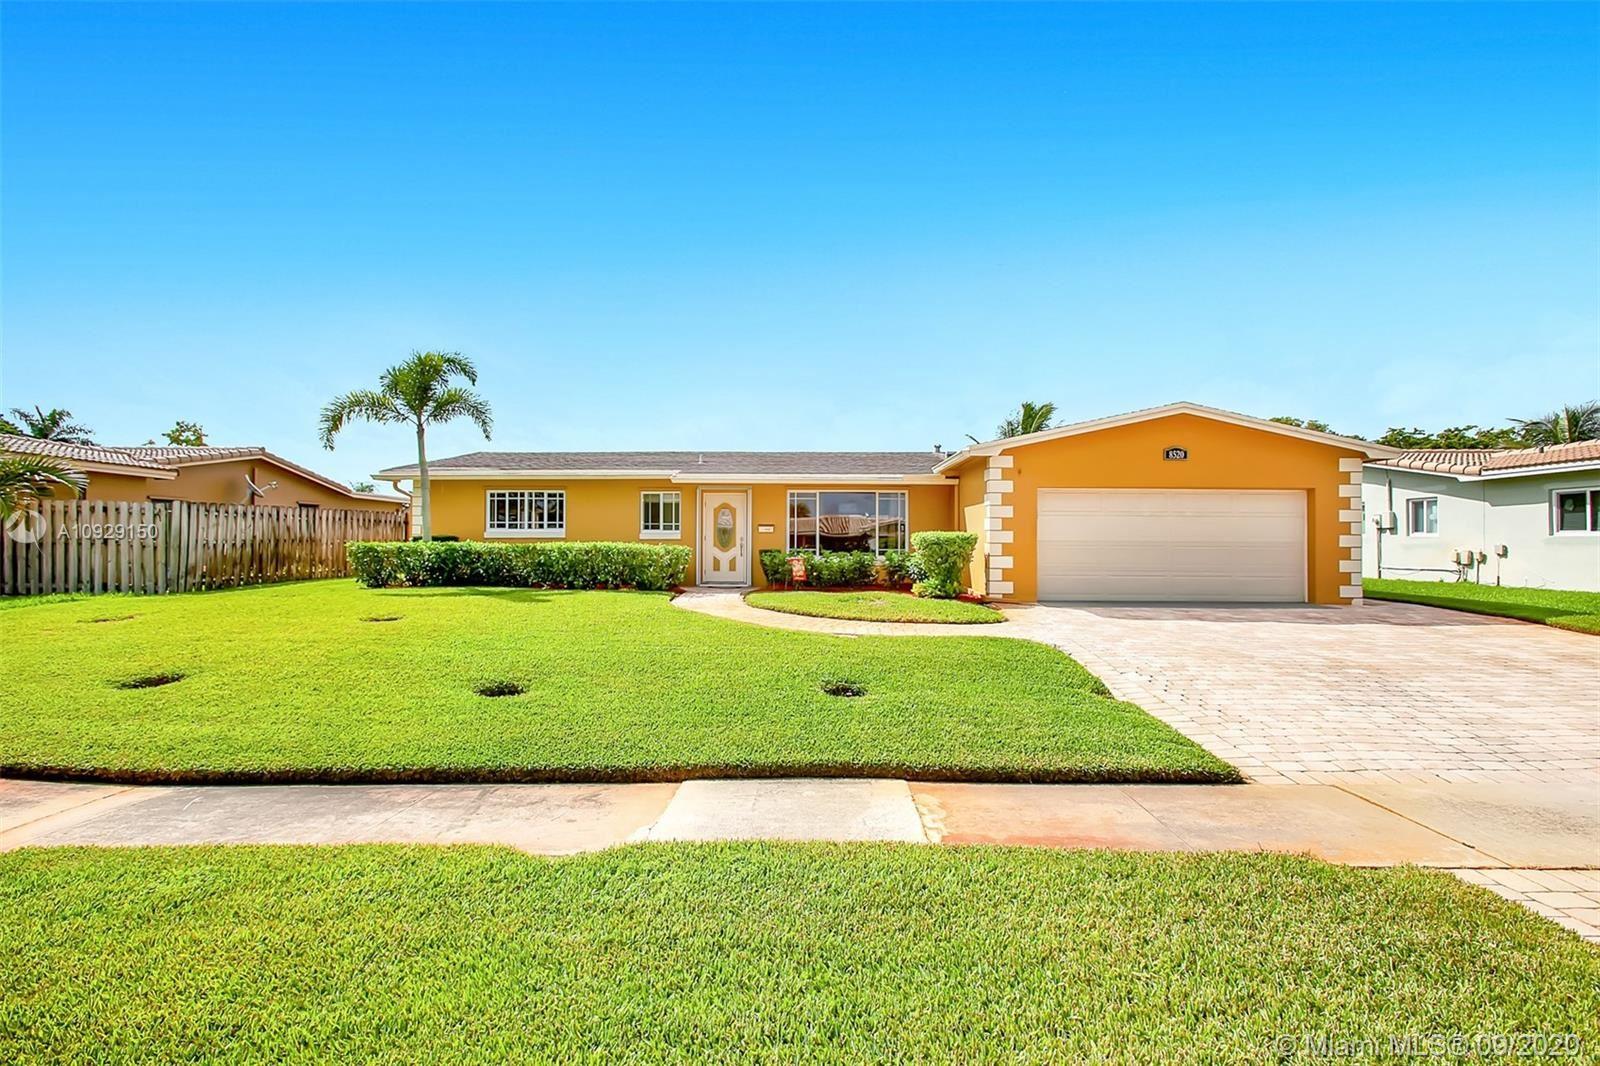 8520 NW 23rd St, Pembroke Pines, FL 33024 - #: A10929150